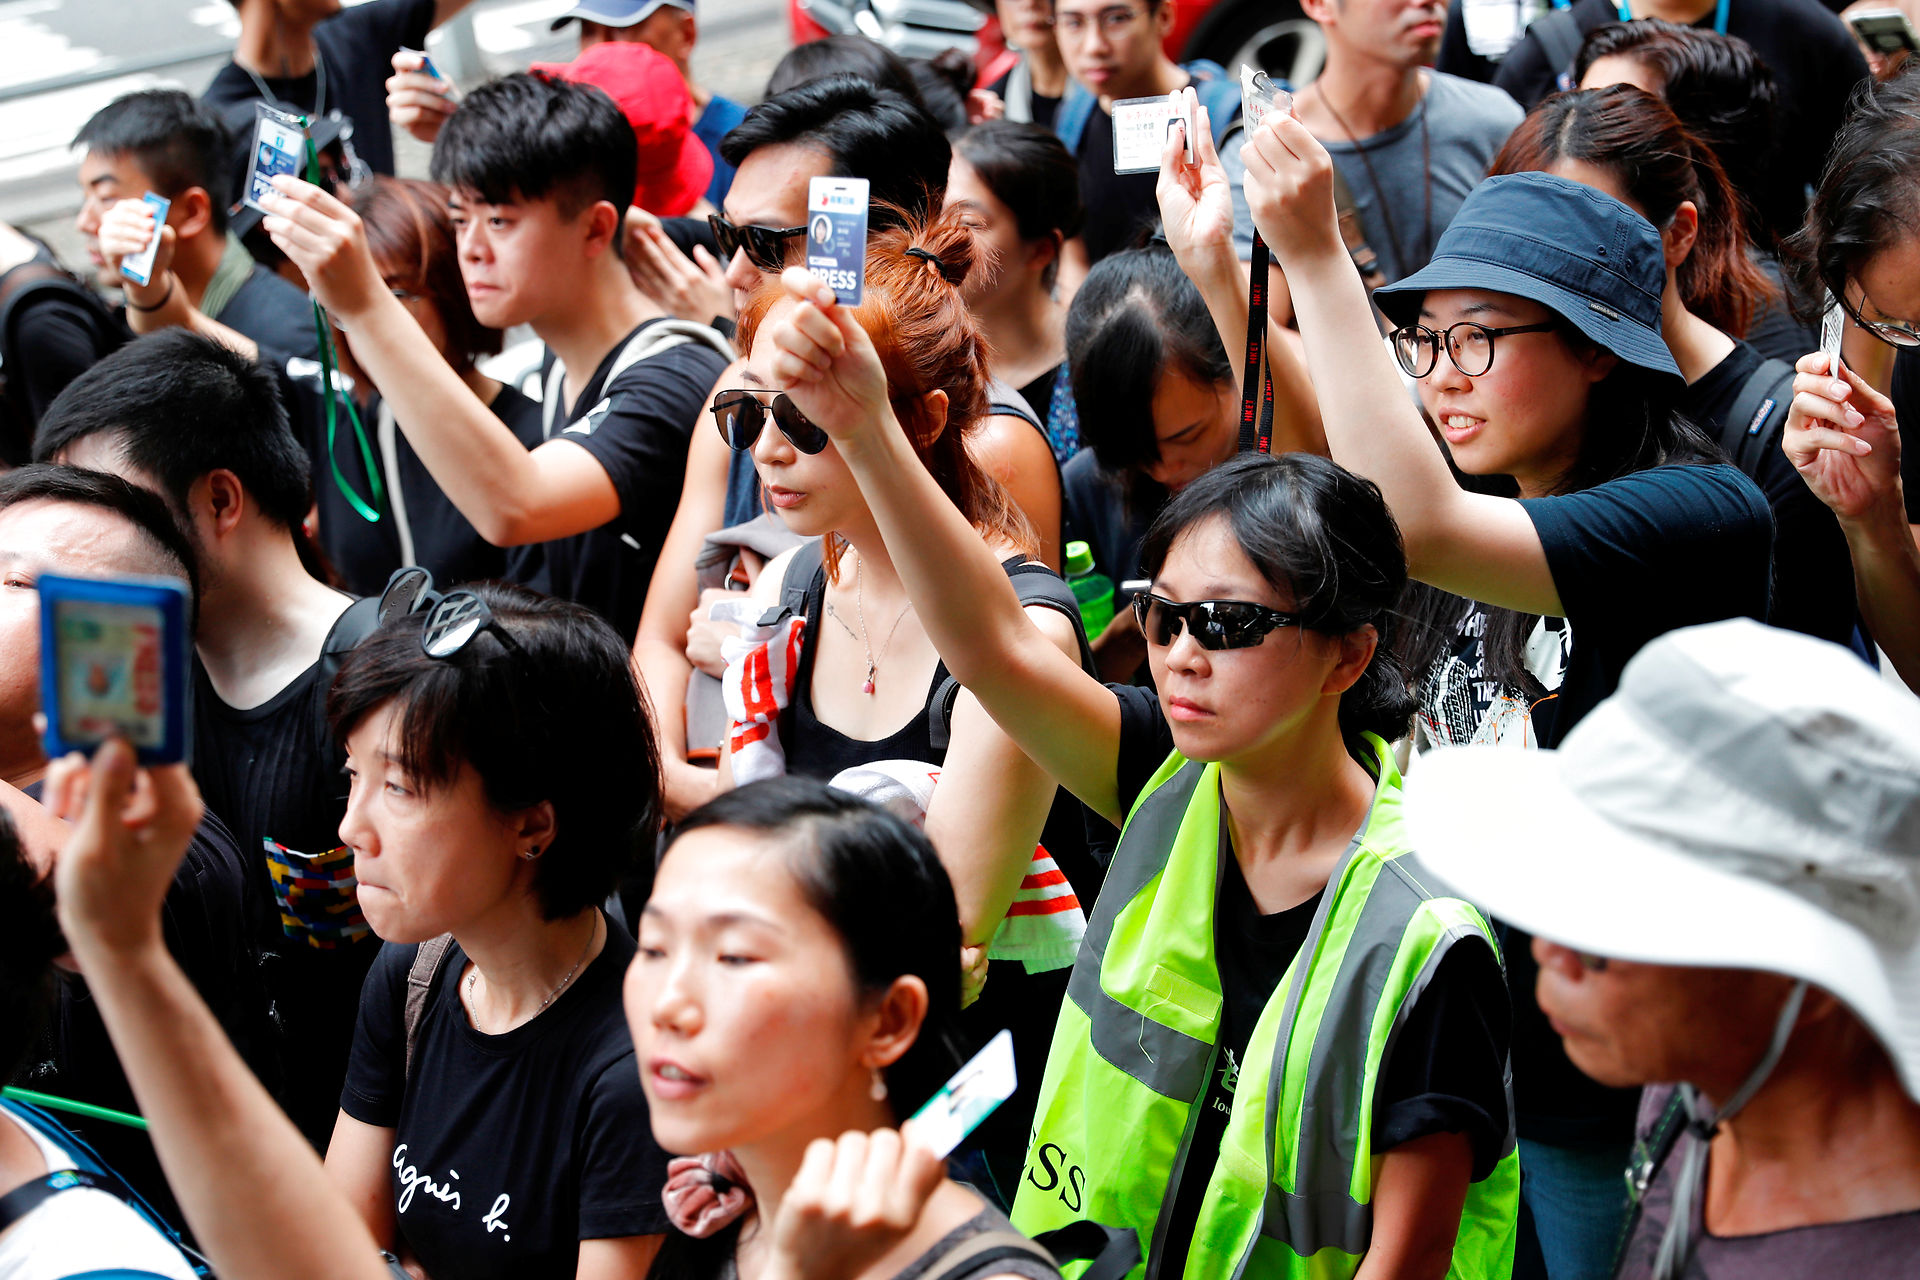 Rekordmange journalister meldes anholdt under pandemien